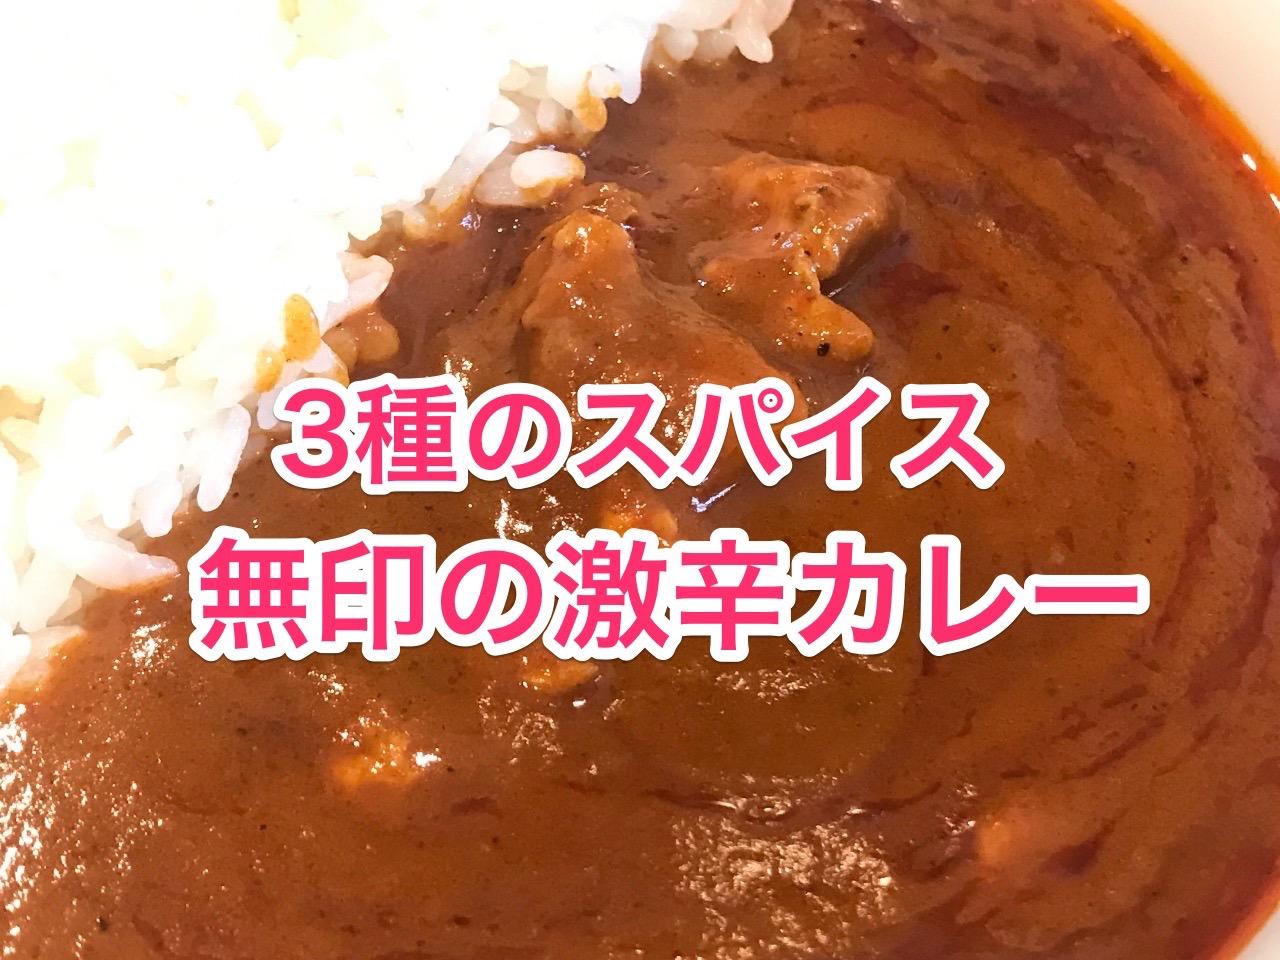 【無印良品】激辛と噂のカレー「3種の唐辛子とチキン」食べてみた【感想】